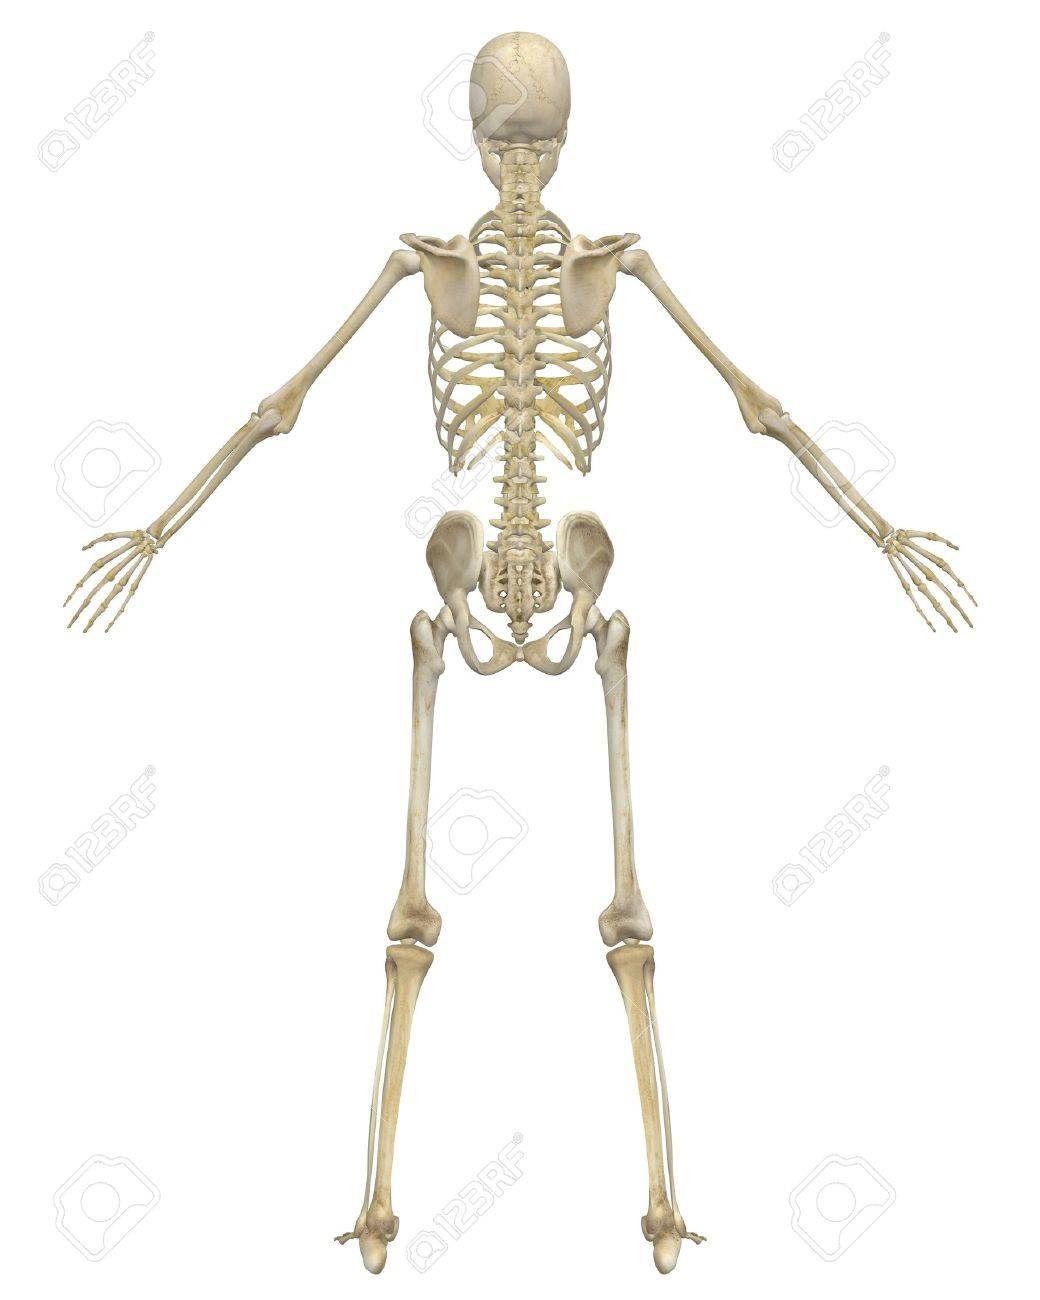 Tolle Anatomie Eines Skeletts Galerie - Menschliche Anatomie Bilder ...